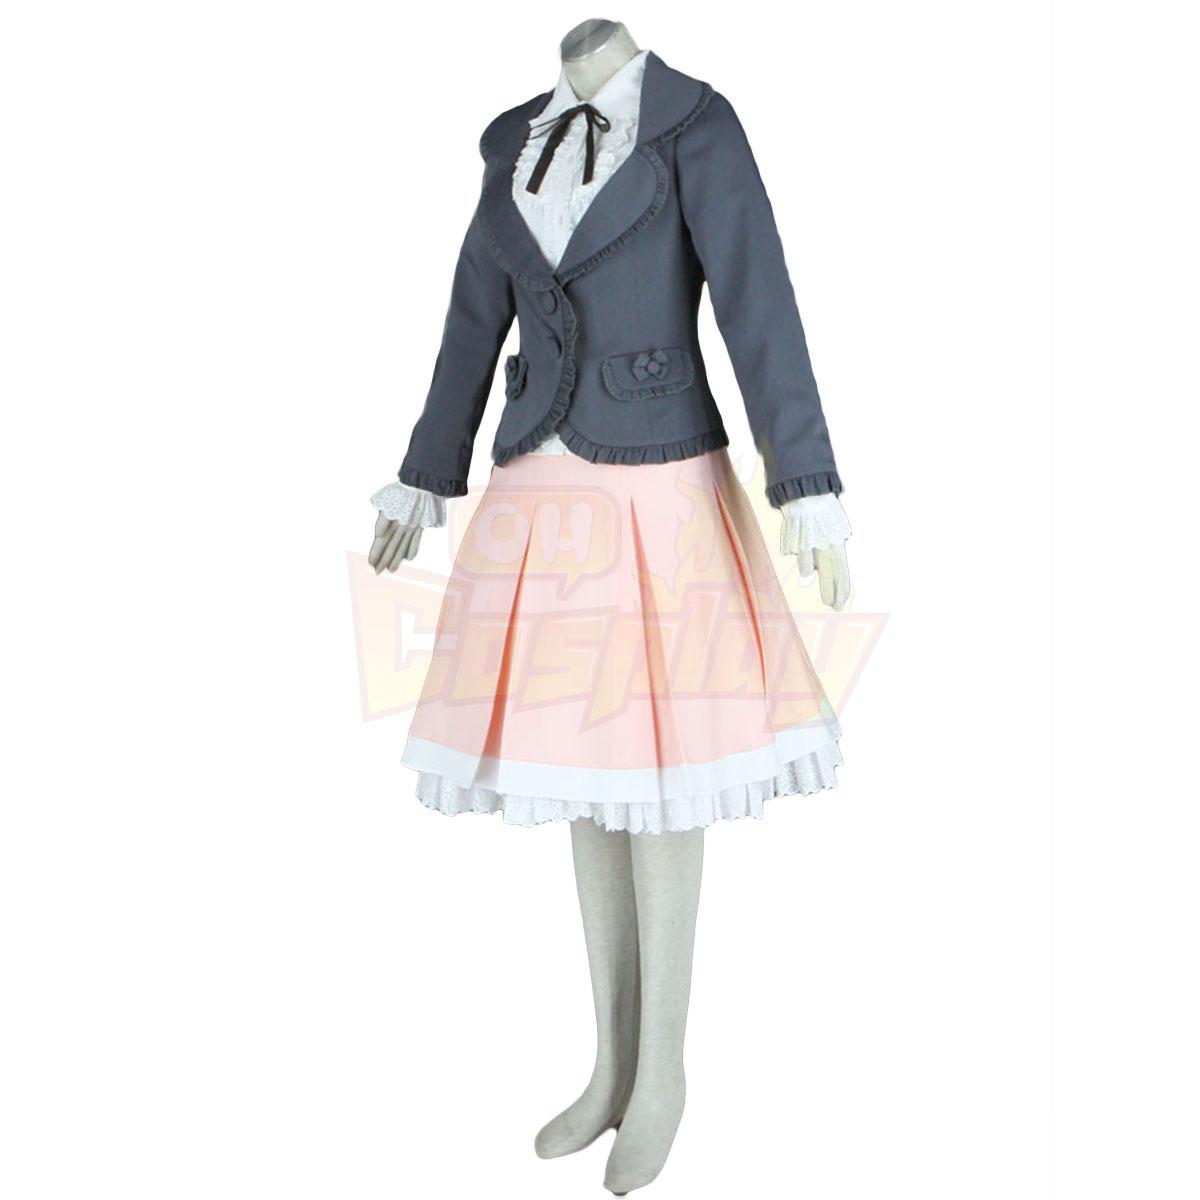 호화로운 로리타 문화 코트 스커트 소동 중간 드레스 코스프레 의상